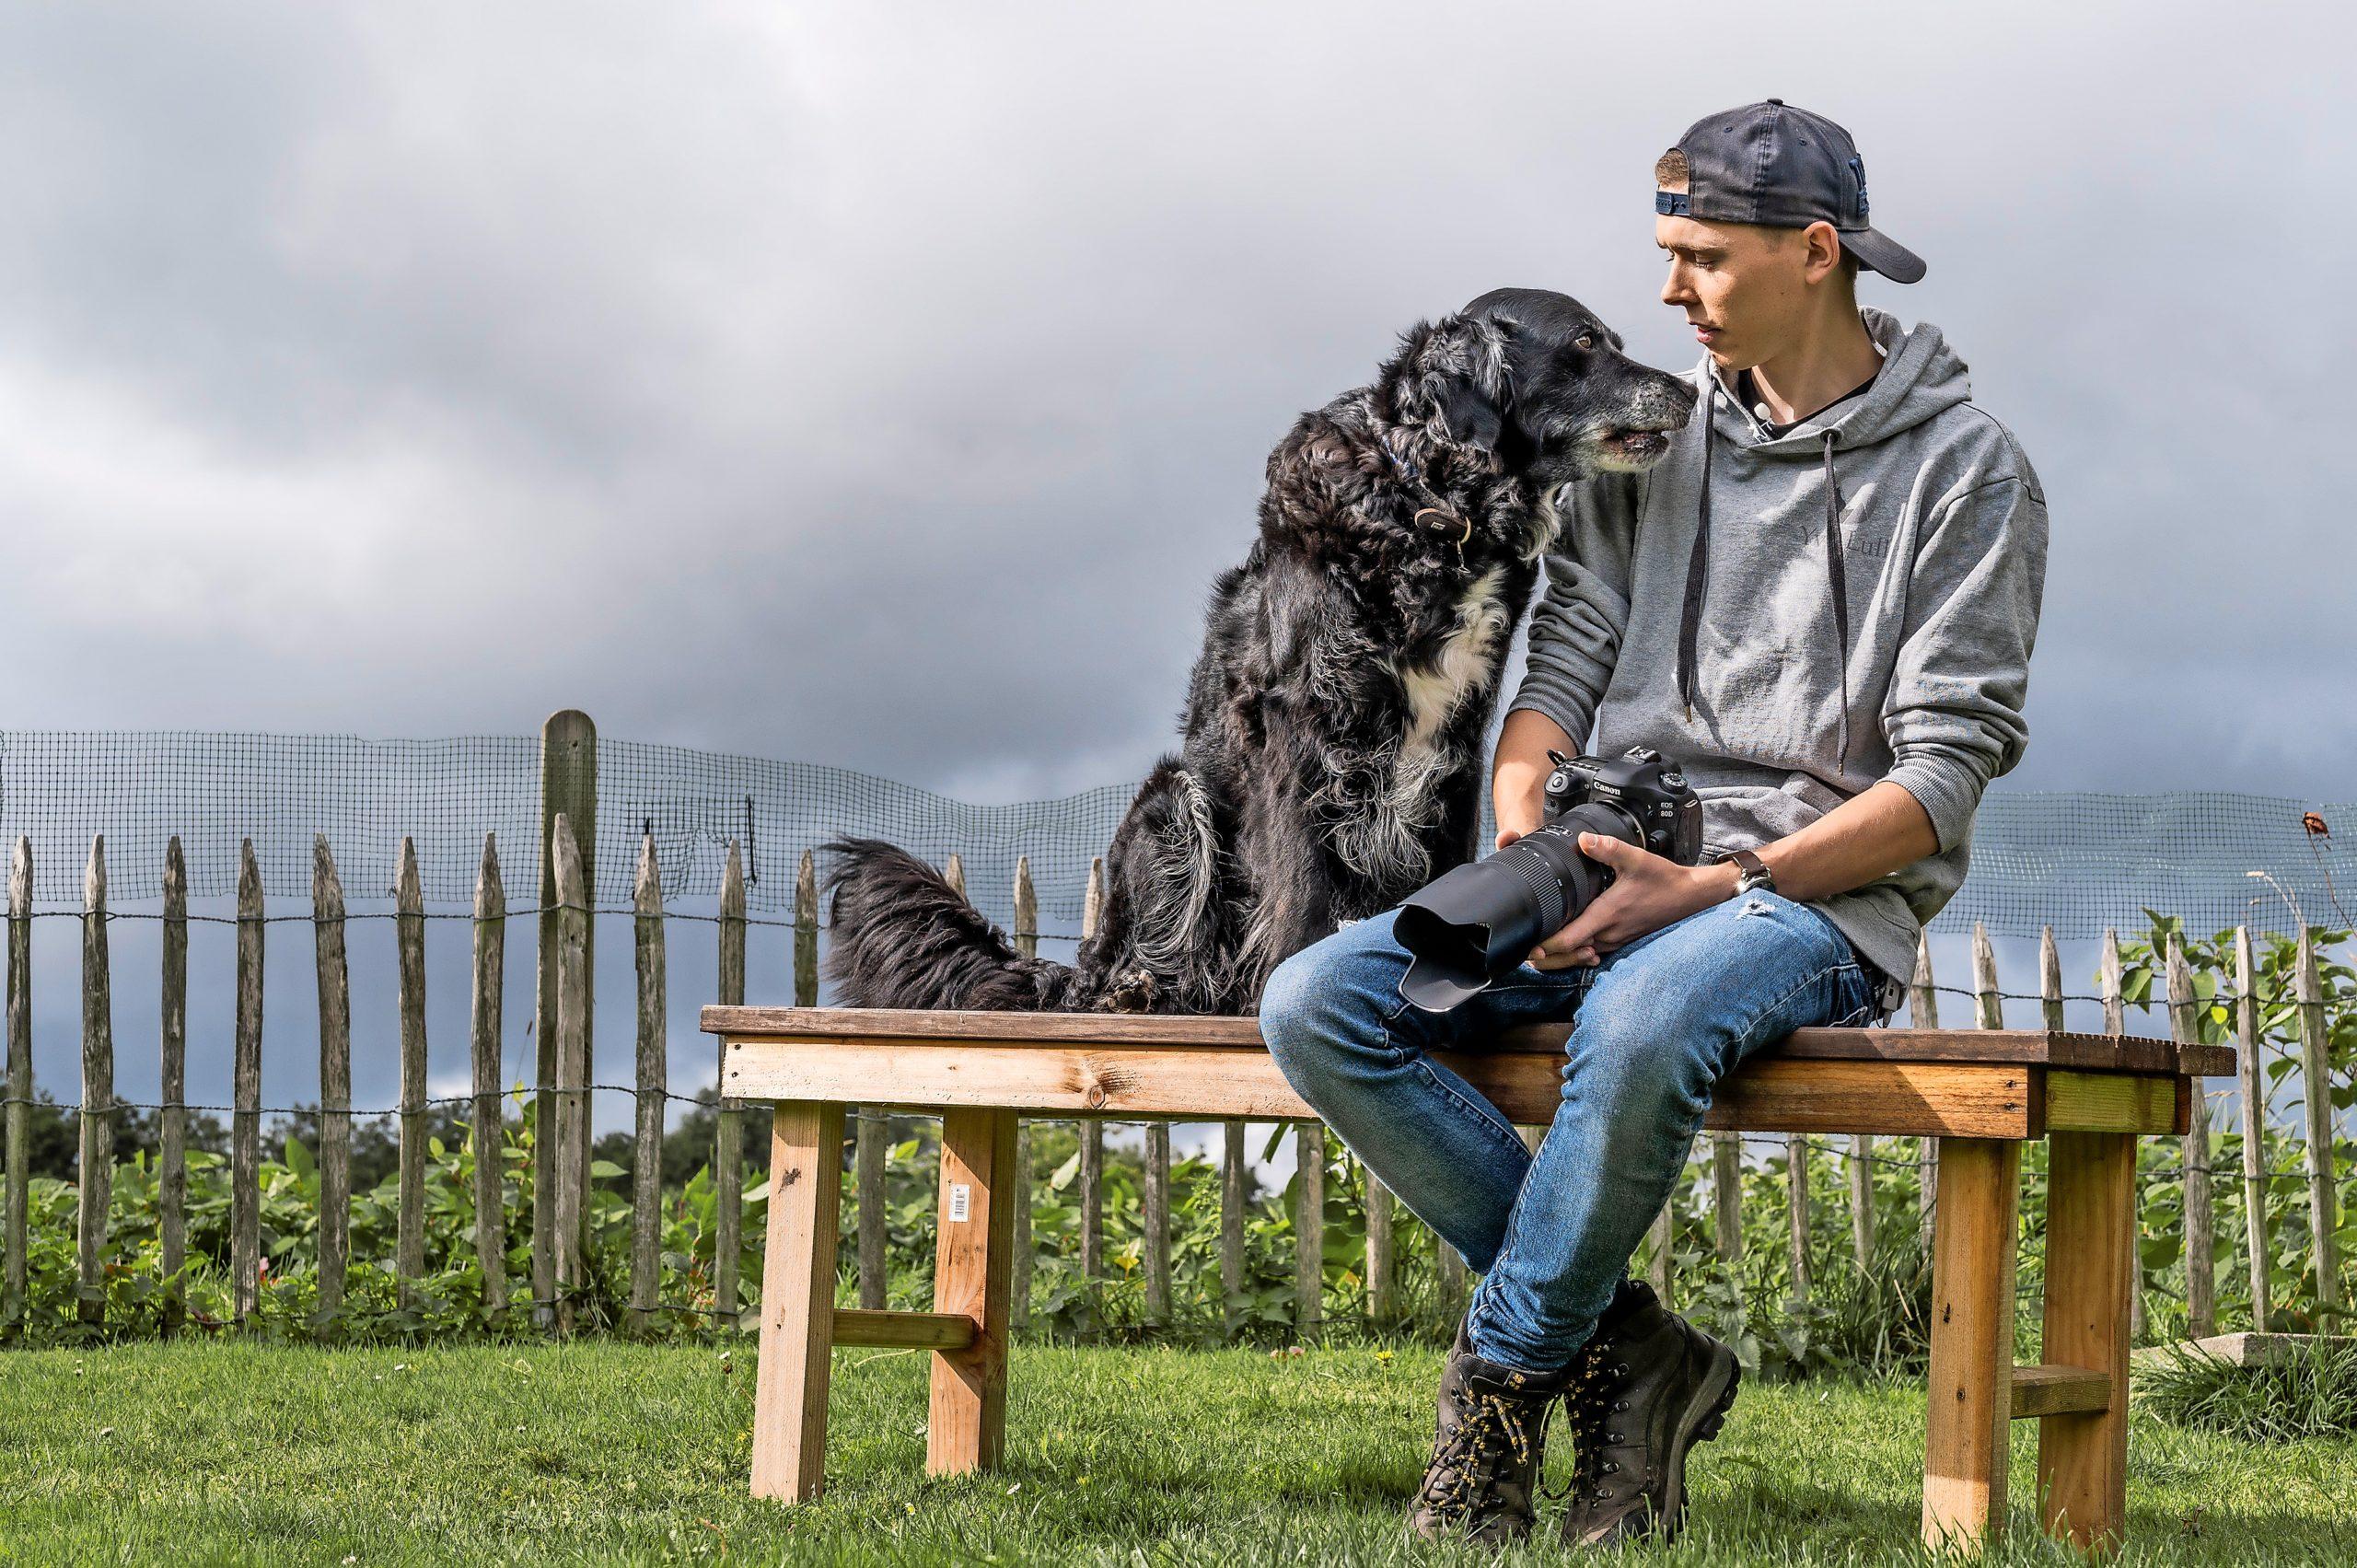 """""""Kreativtage Lübecker Bucht"""": Der Wochenspiegel stellt in einer Serie teilnehmender Künstler vor. Heute ist es der Tierfotograf Yvo Lull."""